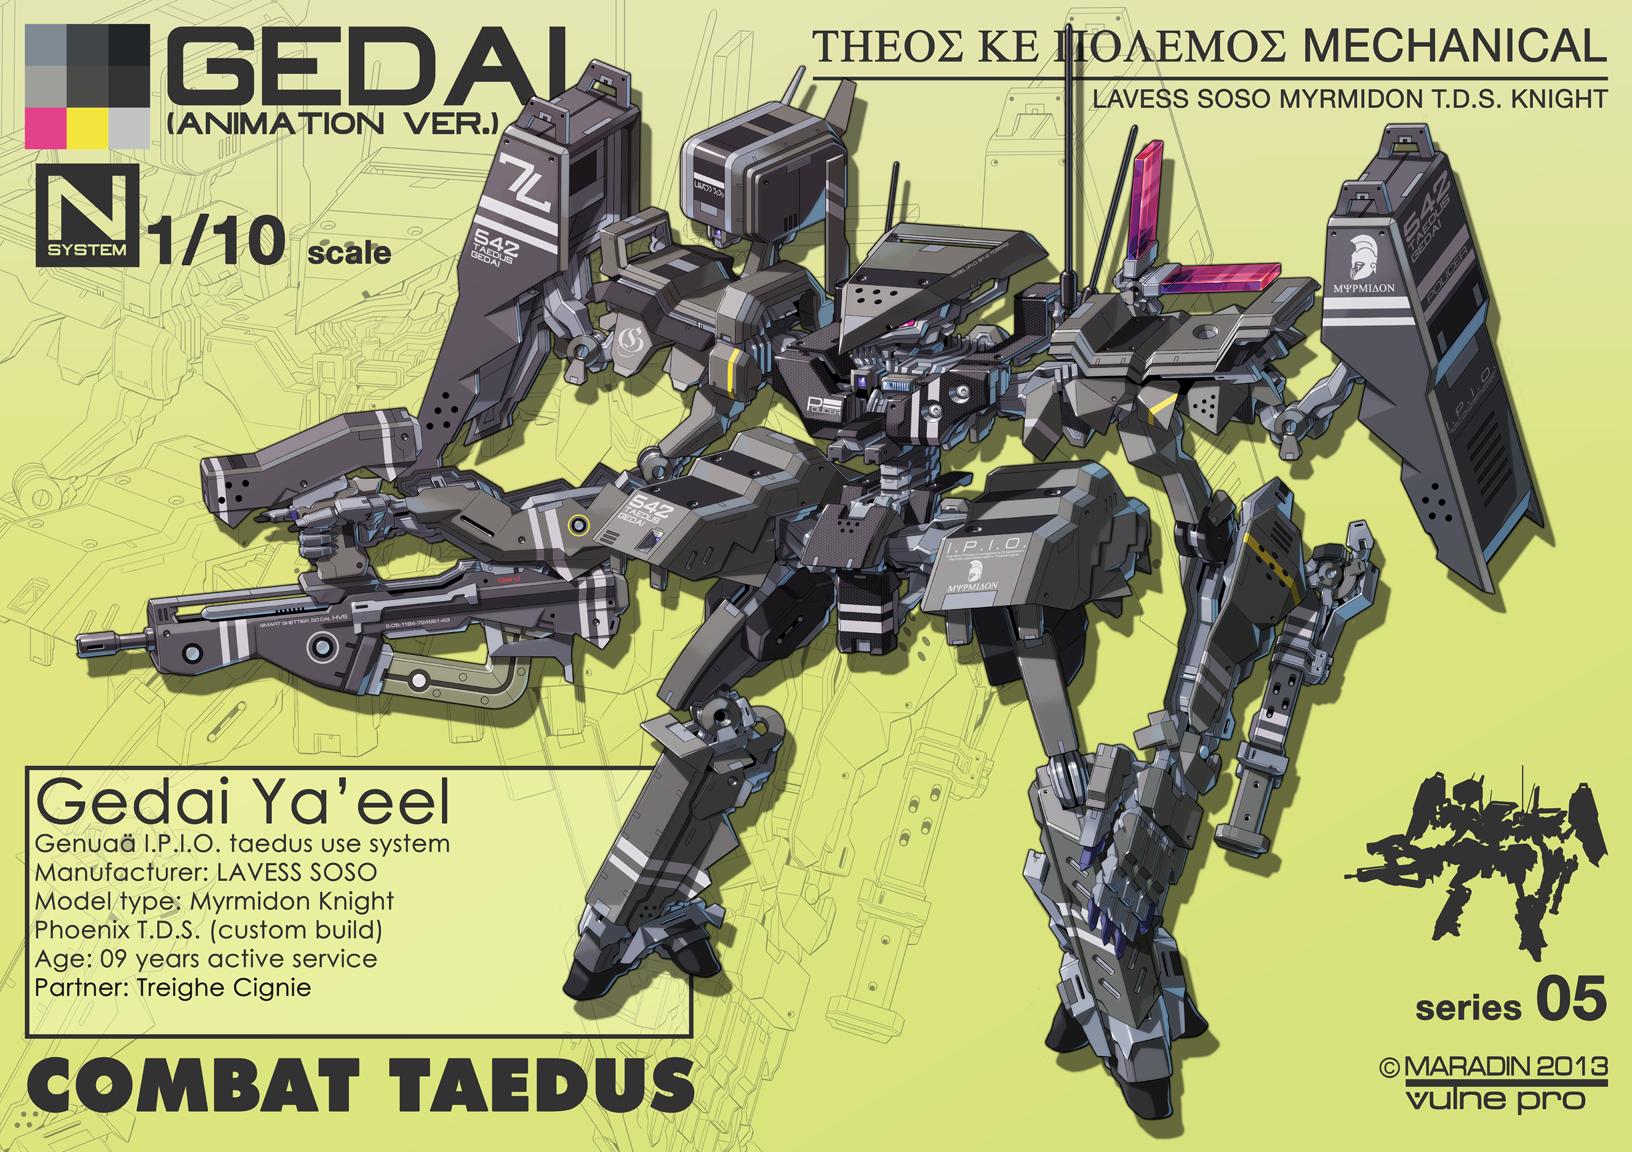 Combat Taedus Gedai Ya'eel Full Loadout by Nidaram